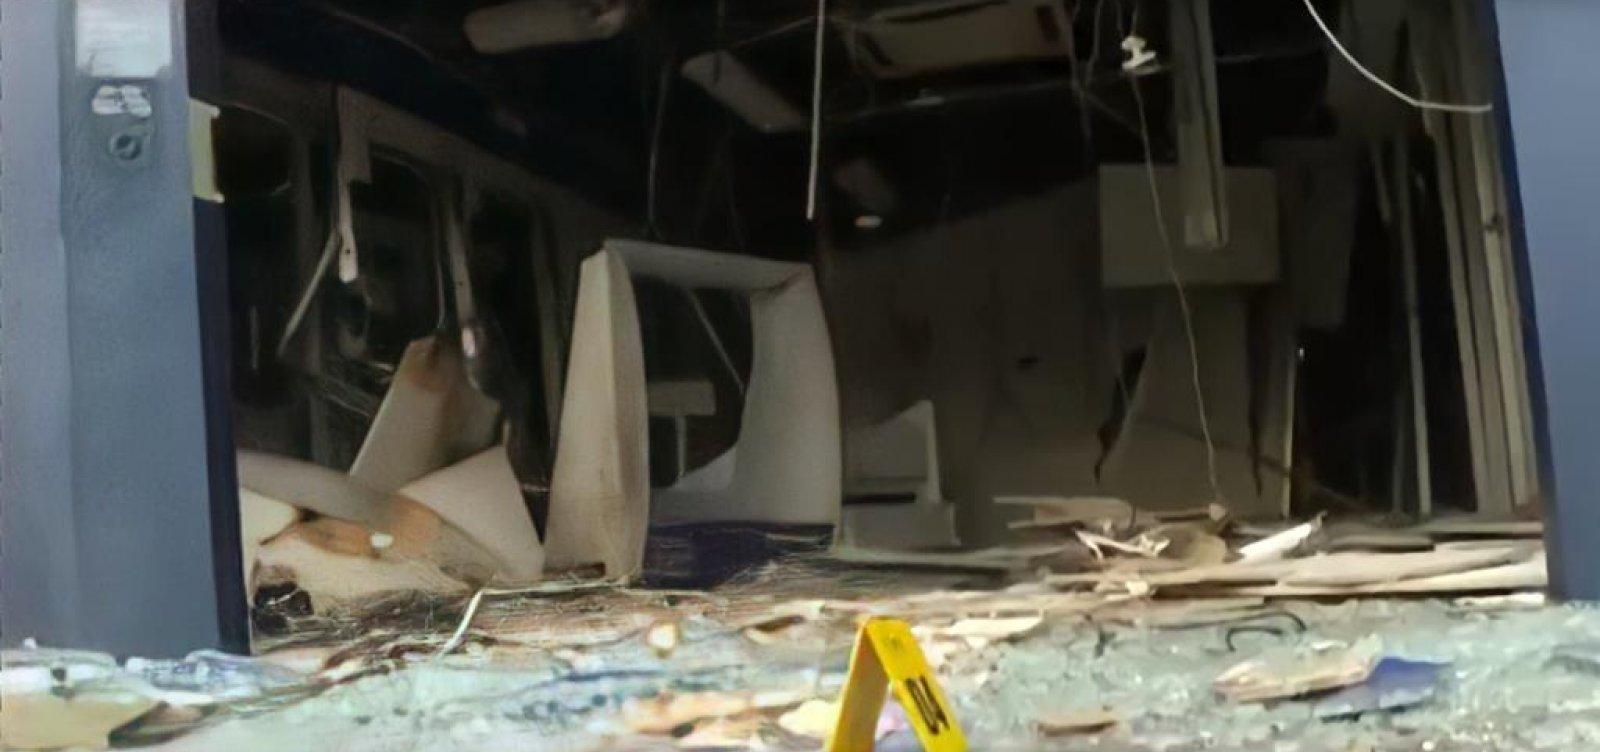 Bandidos explodem agência bancária em Pau da Lima e fazem reféns; é 23º ataque na Bahia